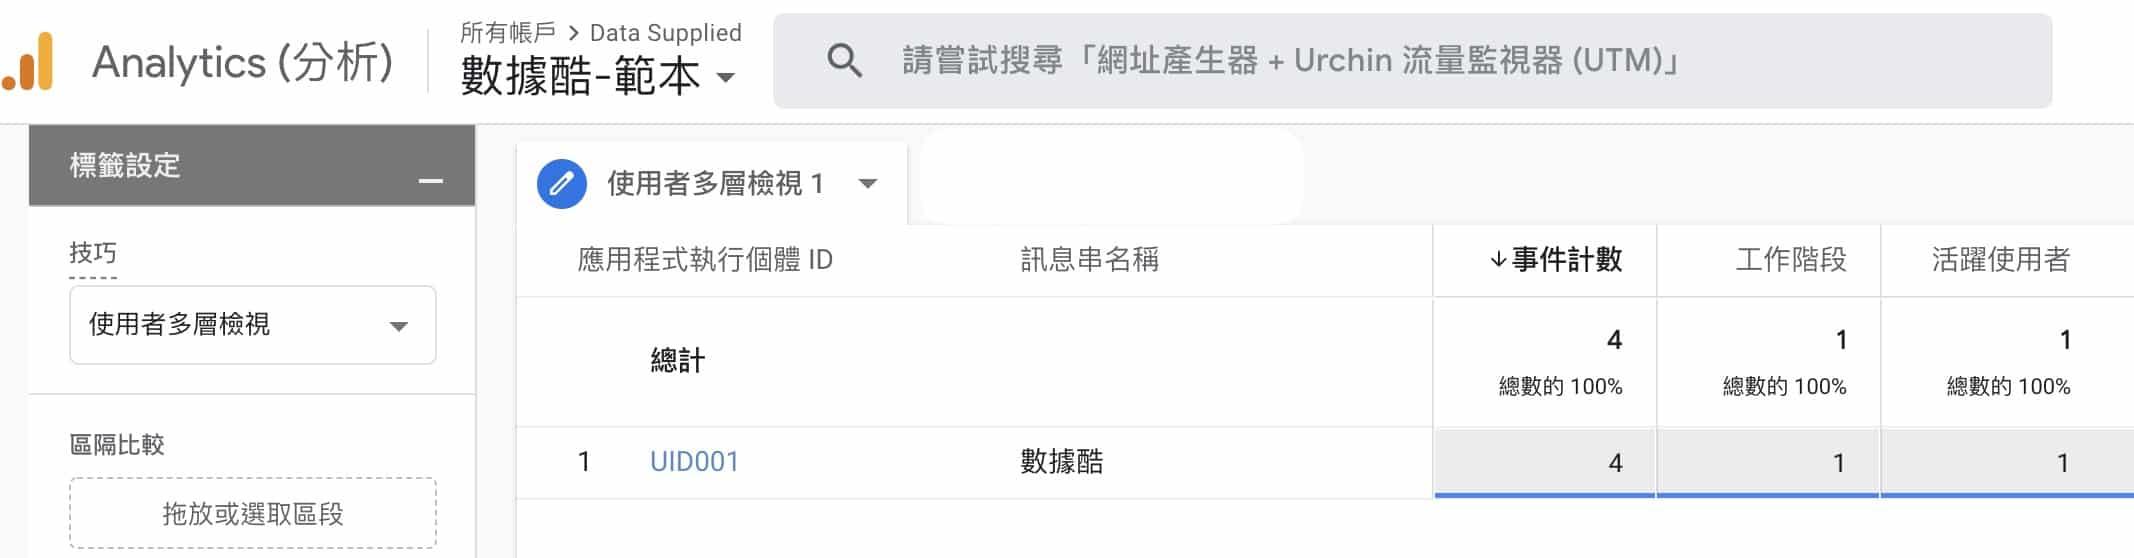 GA4 使用者多層檢視 User ID